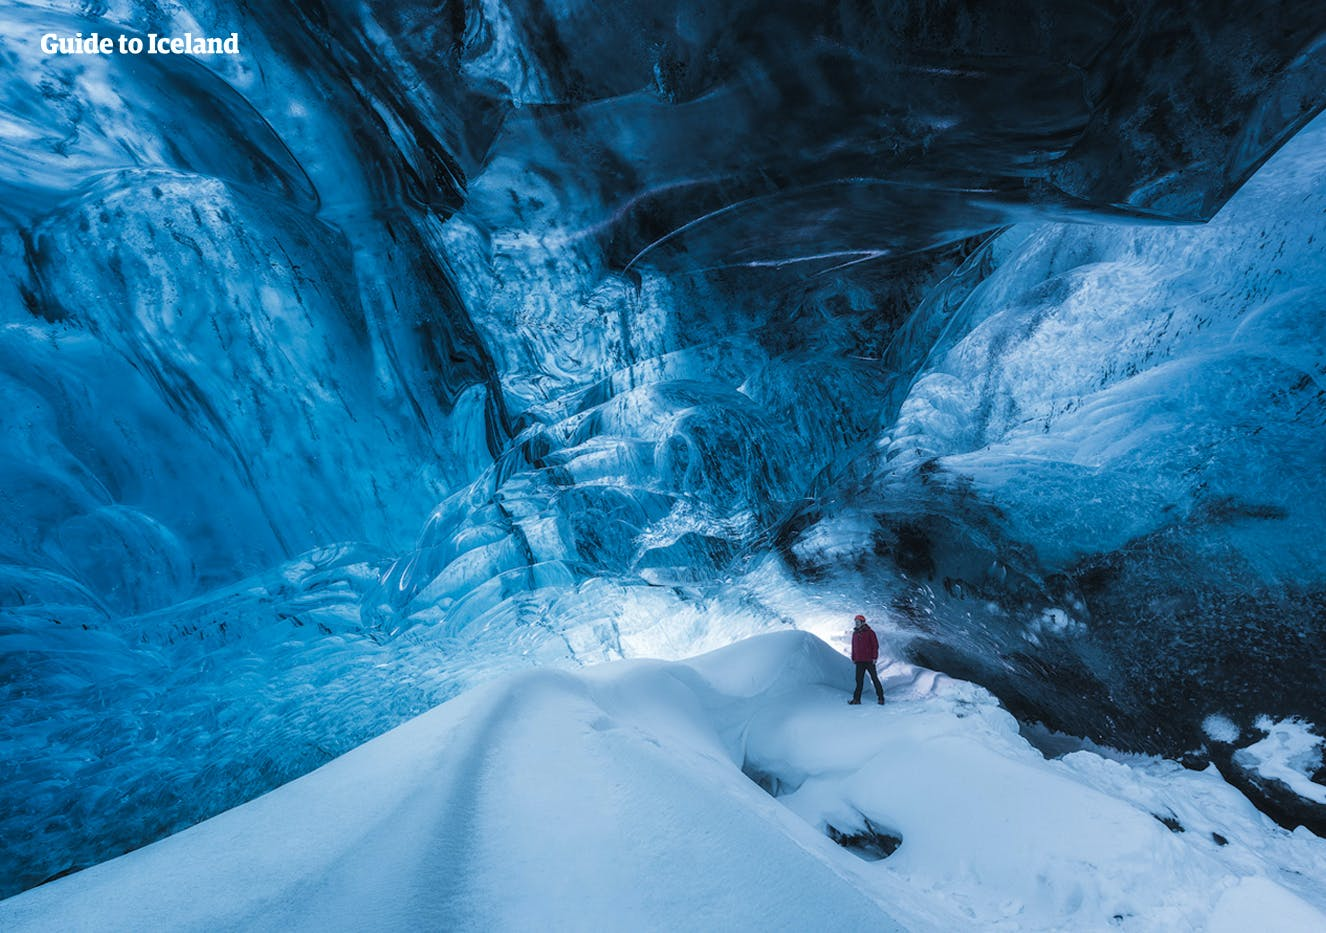 8日間ウィンターワンダーランド|氷の洞窟体験付き